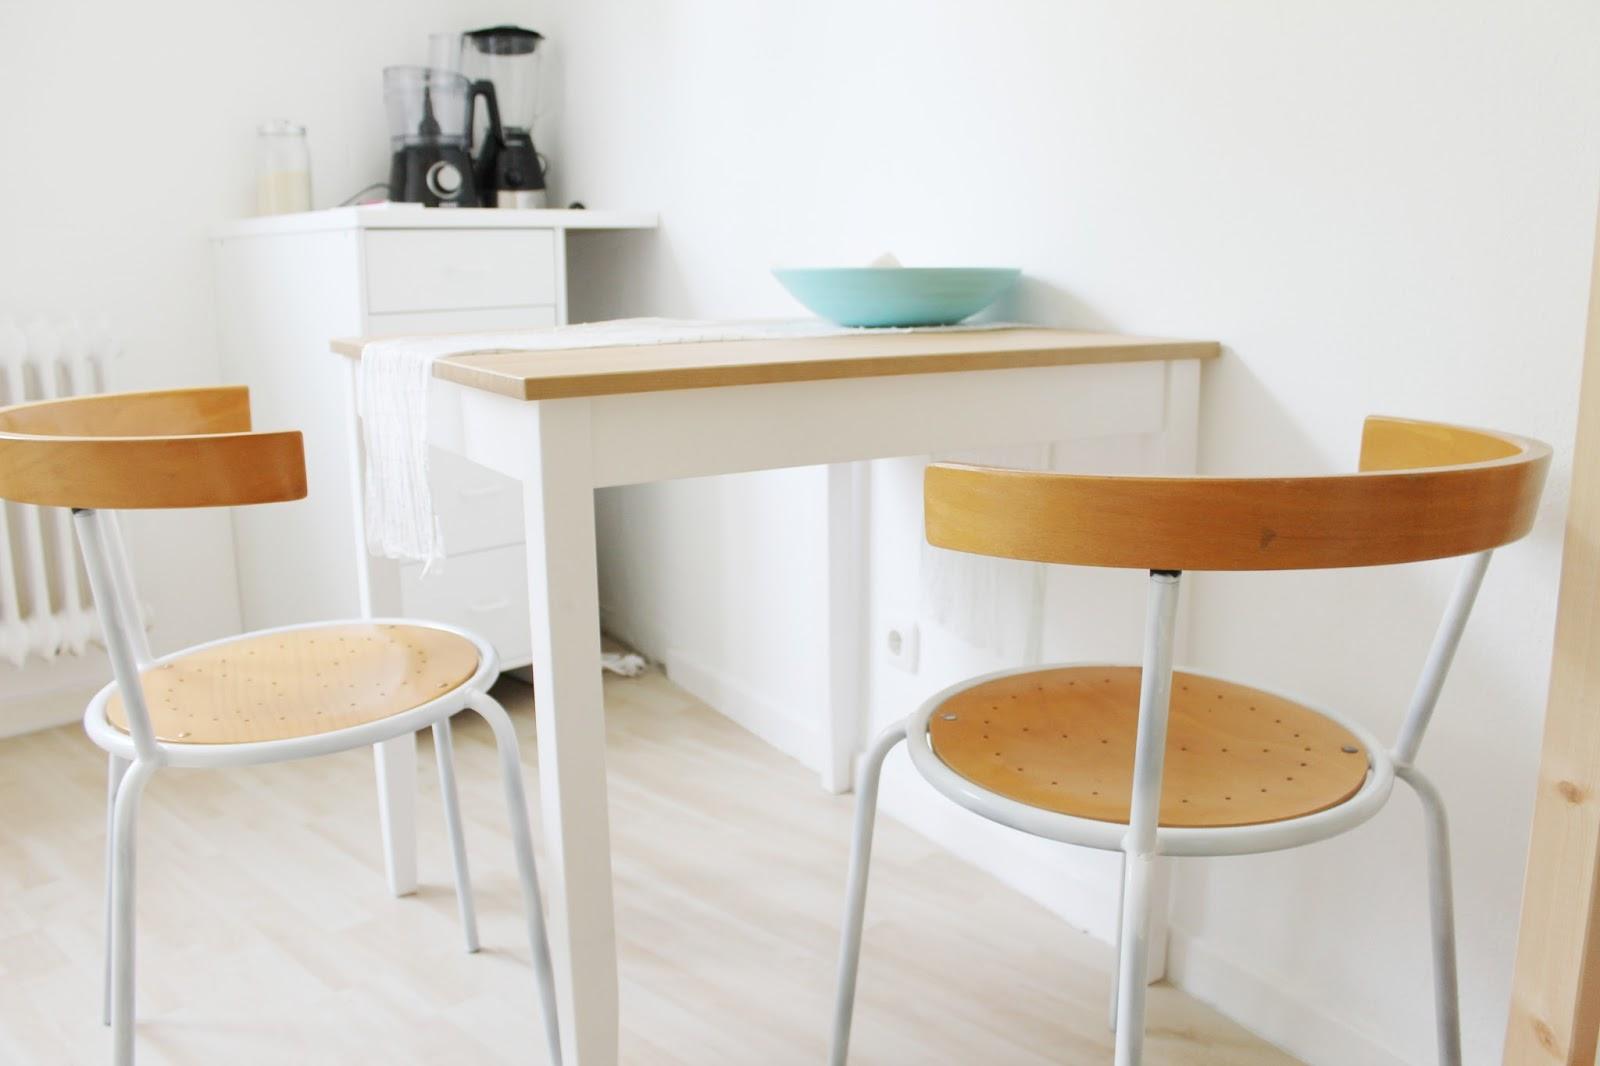 Küche Mit Essplatz  Bnbnews.co